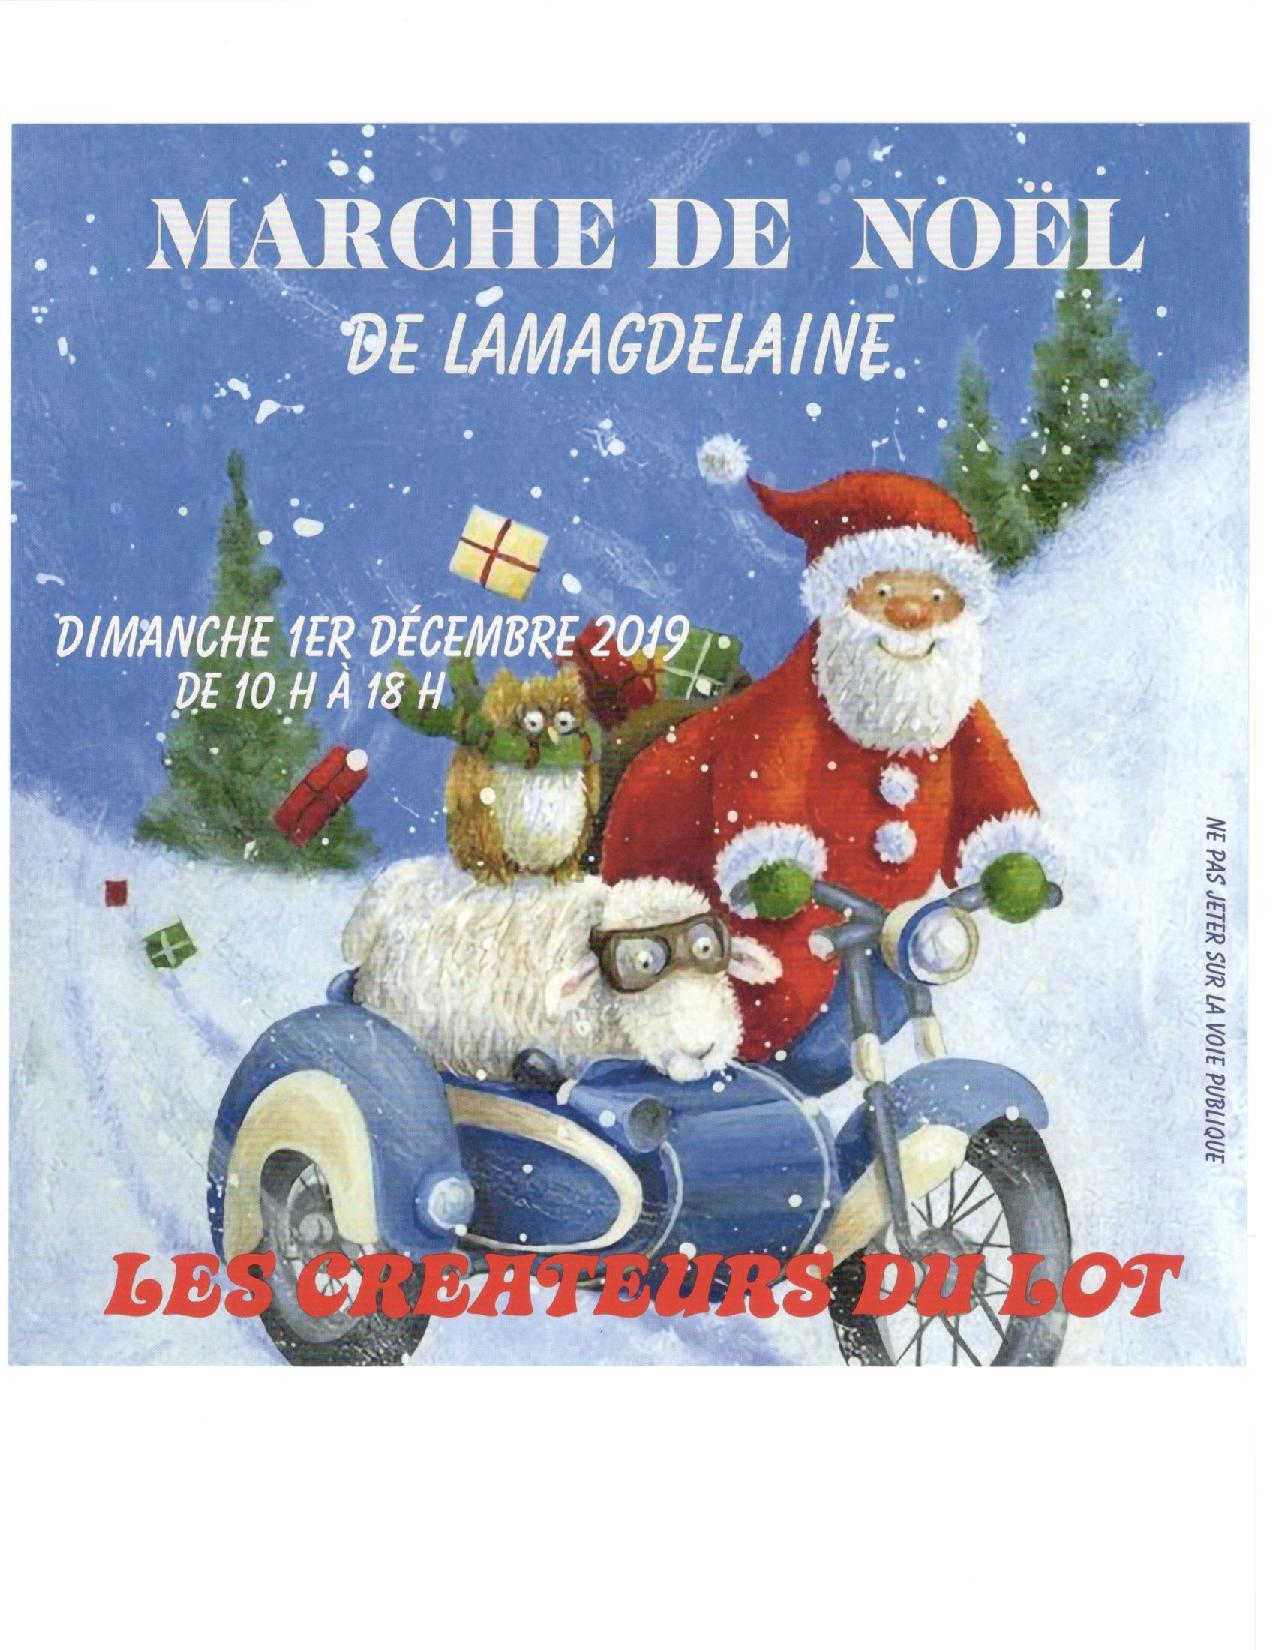 Figeac : Marché de Noël à Lamagdelaine